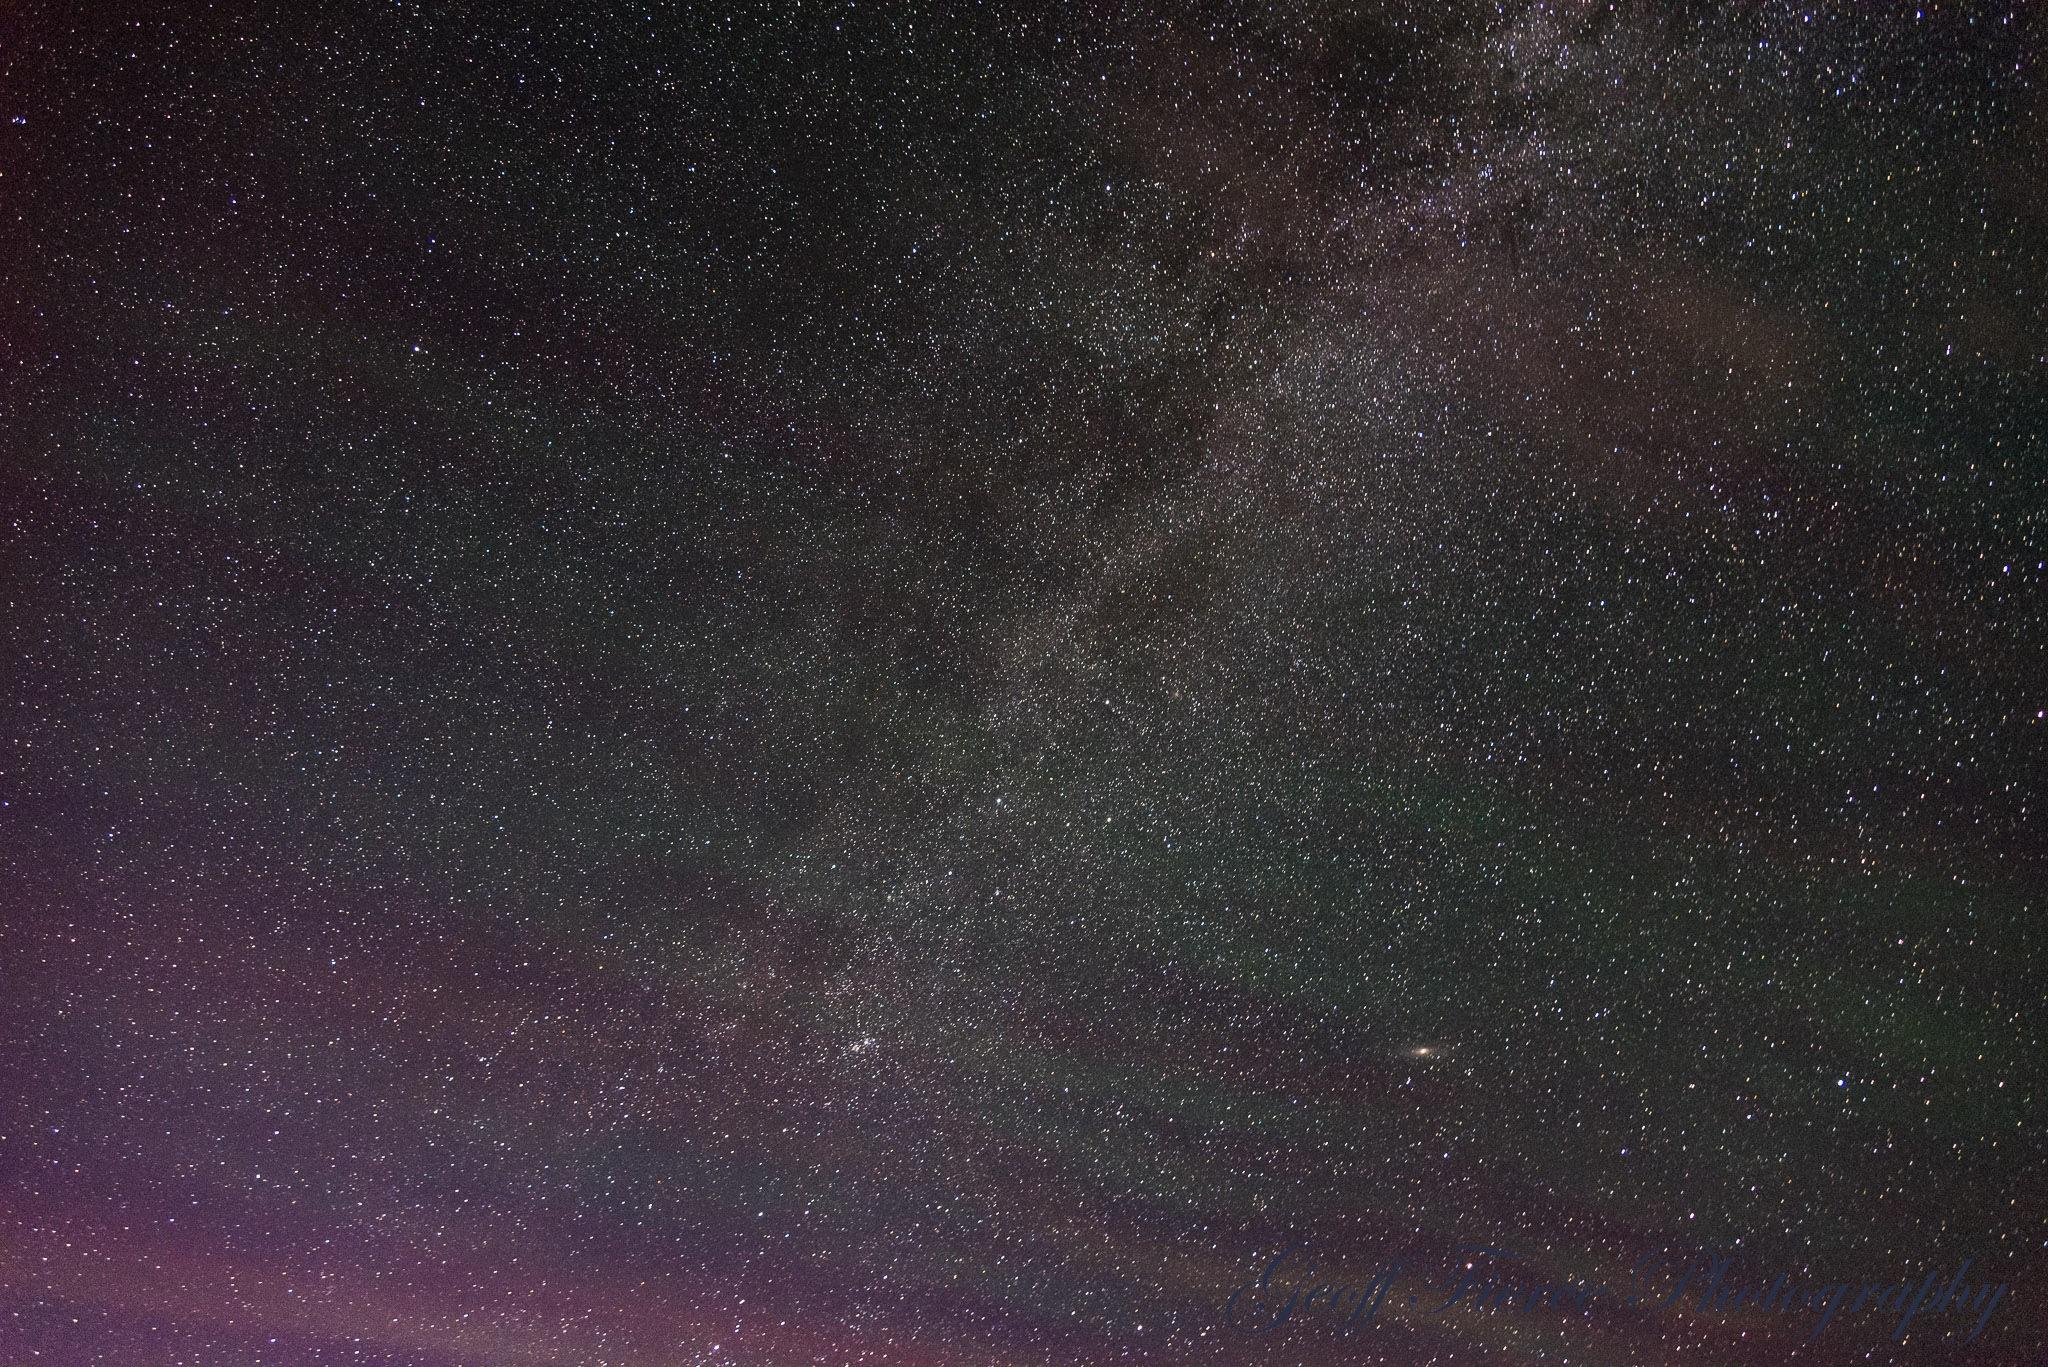 The Night Sky by Geoff Fierce